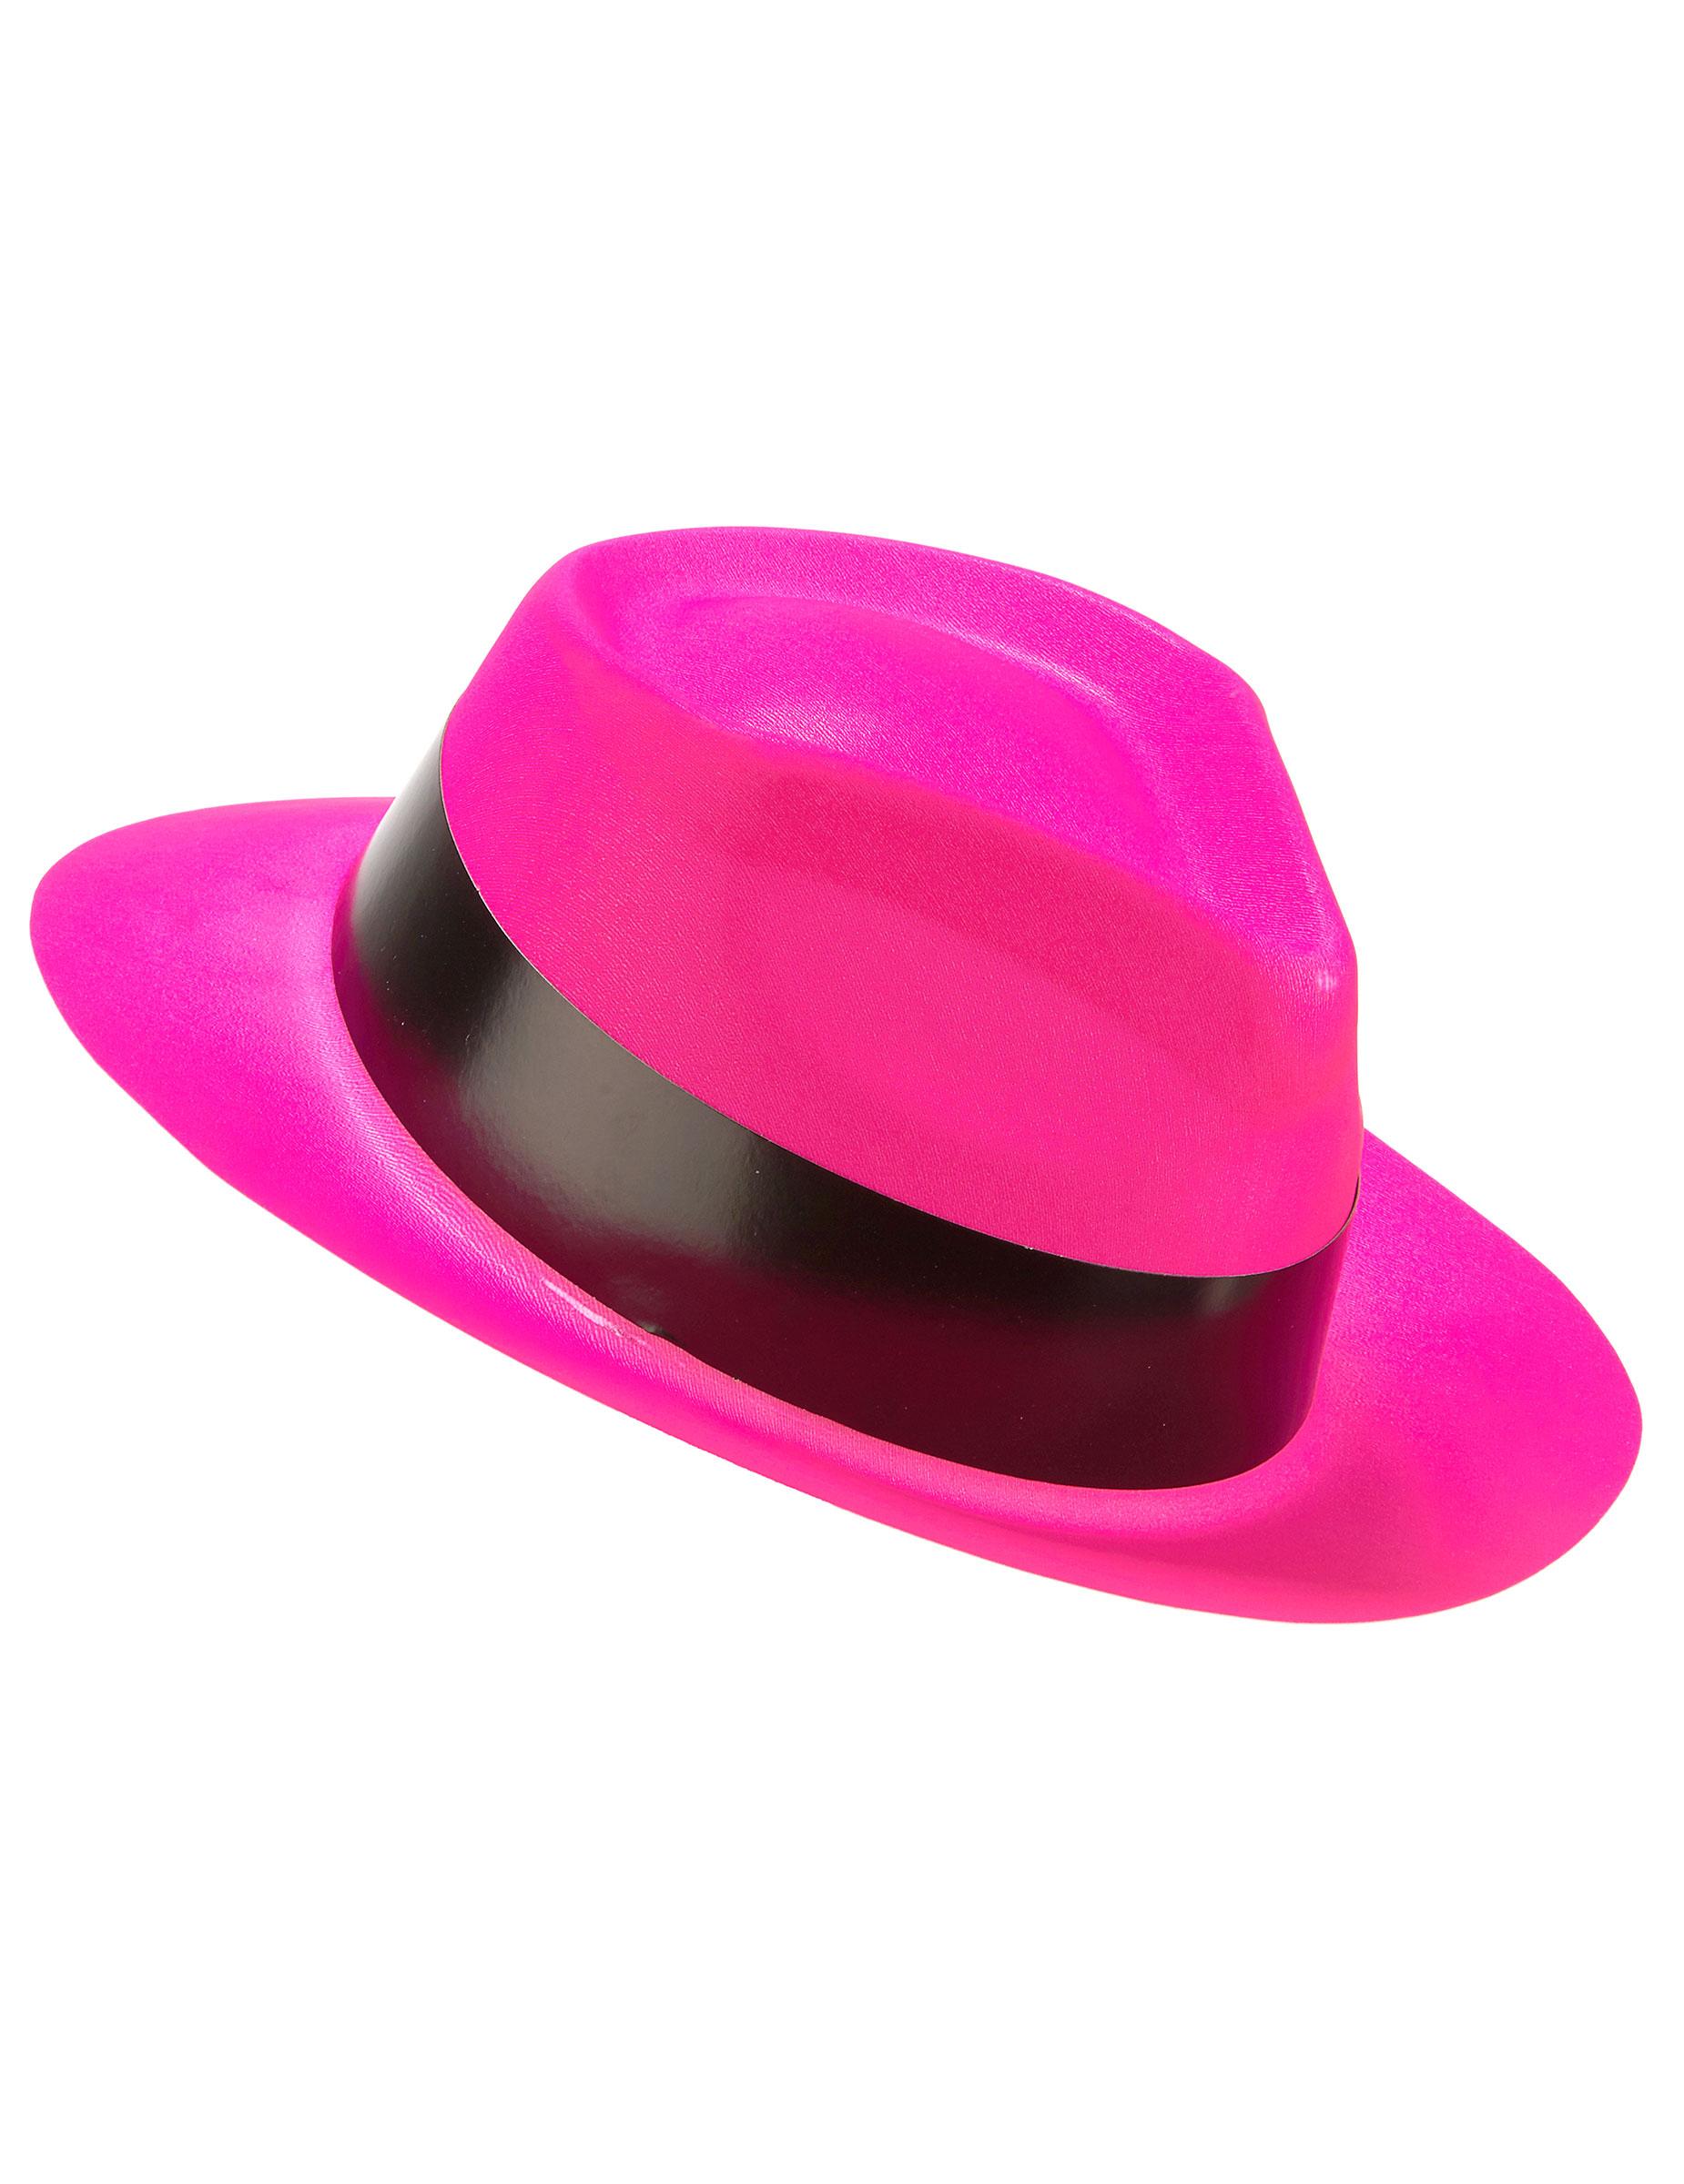 Cappelli Rosa per costumi in maschera e feste di compleanno - Vegaoo.it 92c053d316ed